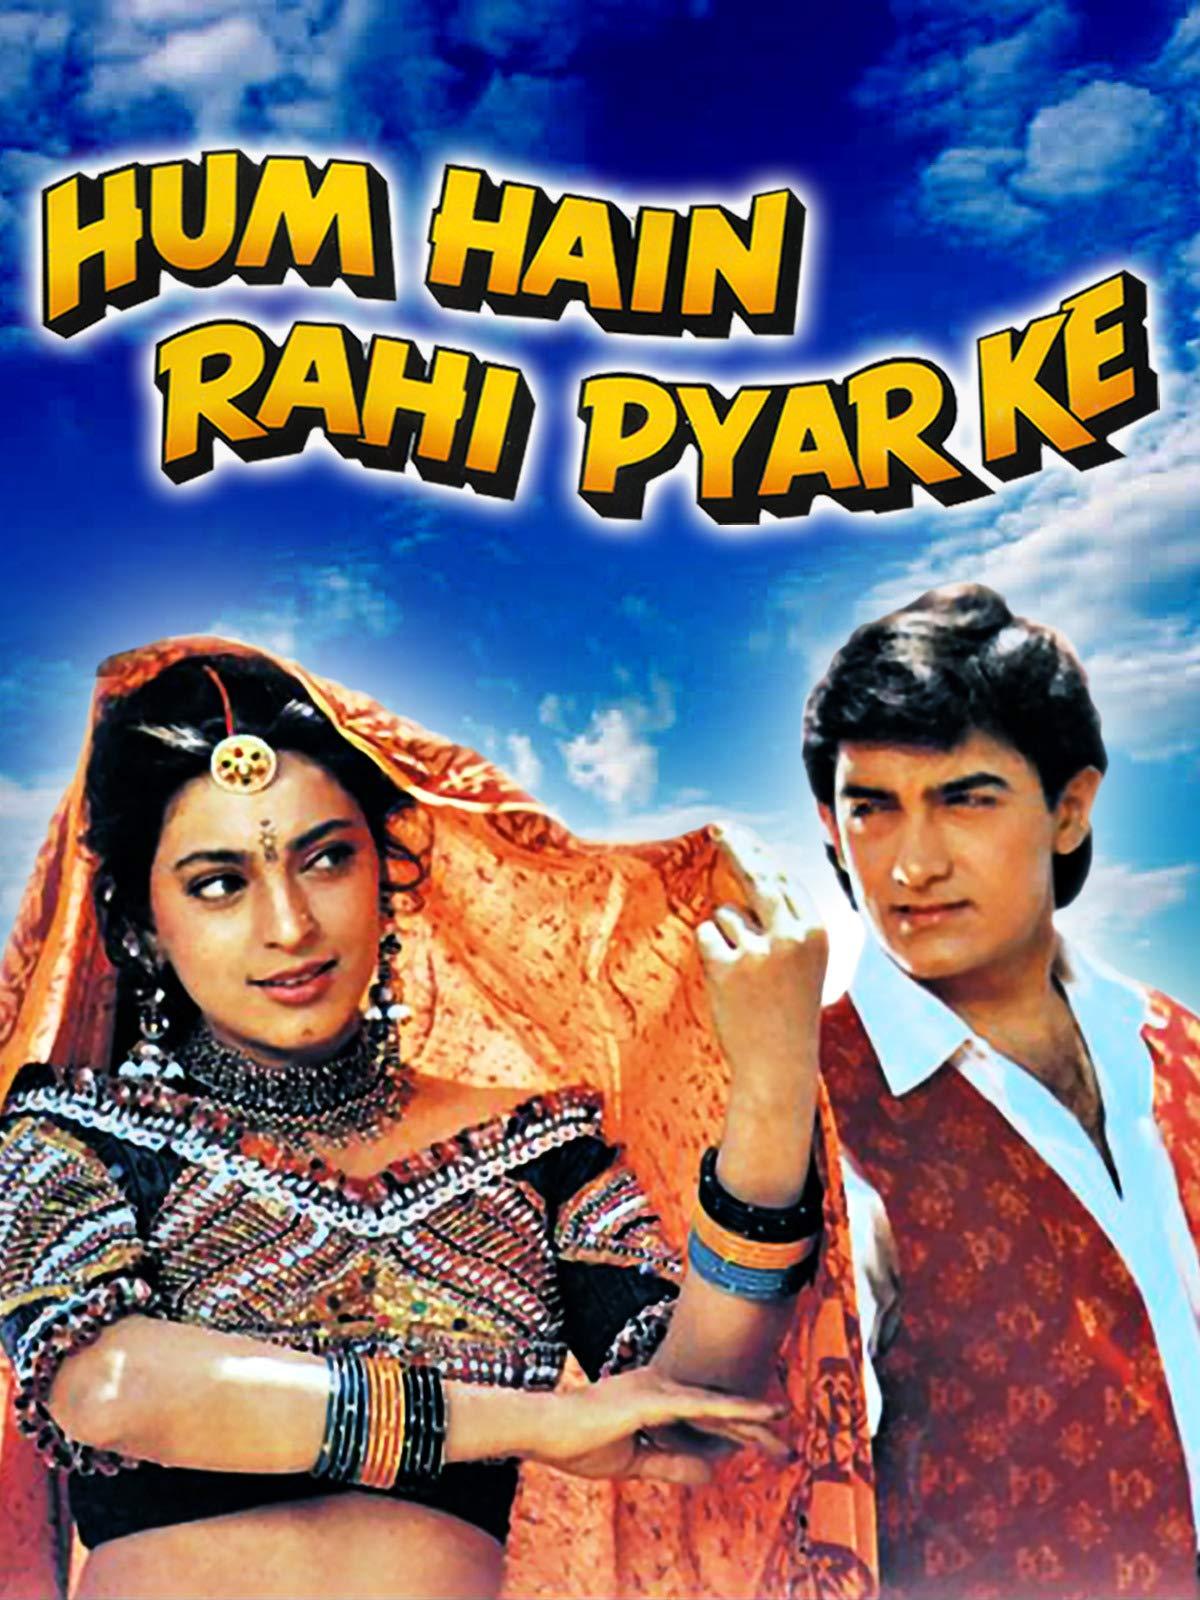 Hum Hain Rahi Pyar Ke (1993) Hindi 720p HEVC Bollywood [800MB]